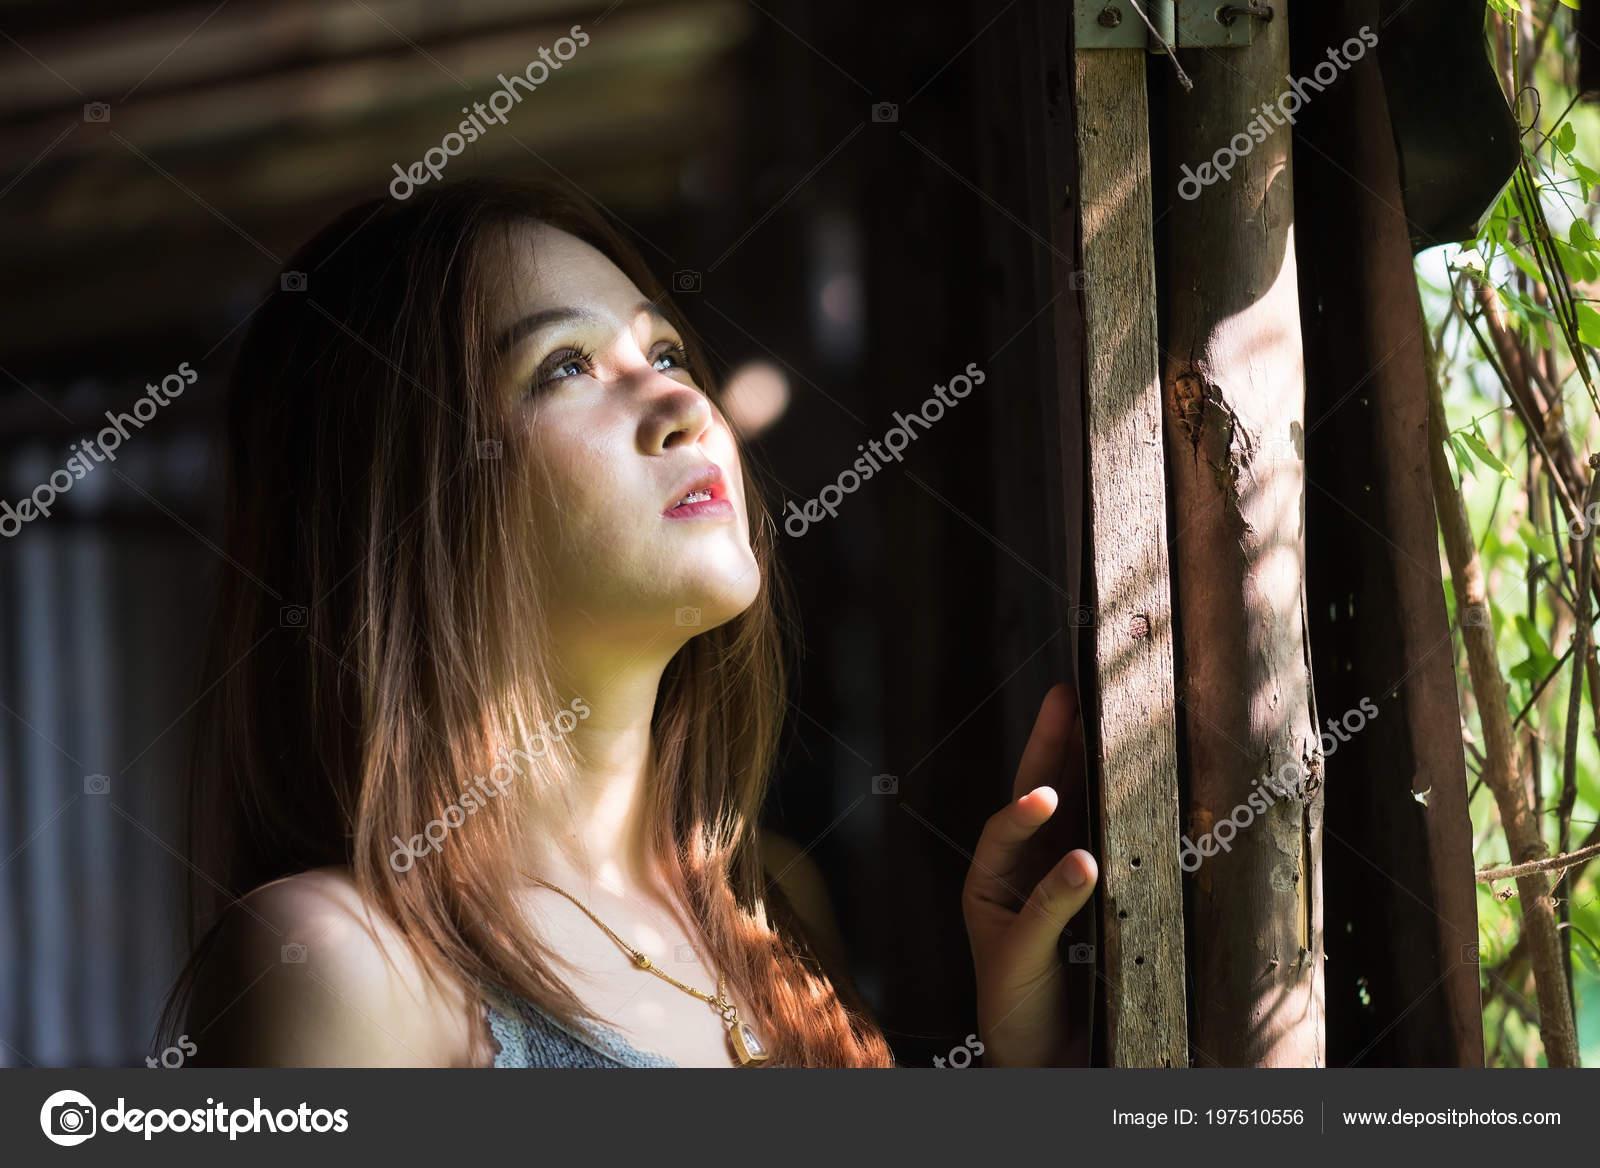 Ασιατικές κορίτσια σεξ φωτογραφίες HD κινητό λεσβιακό πορνό